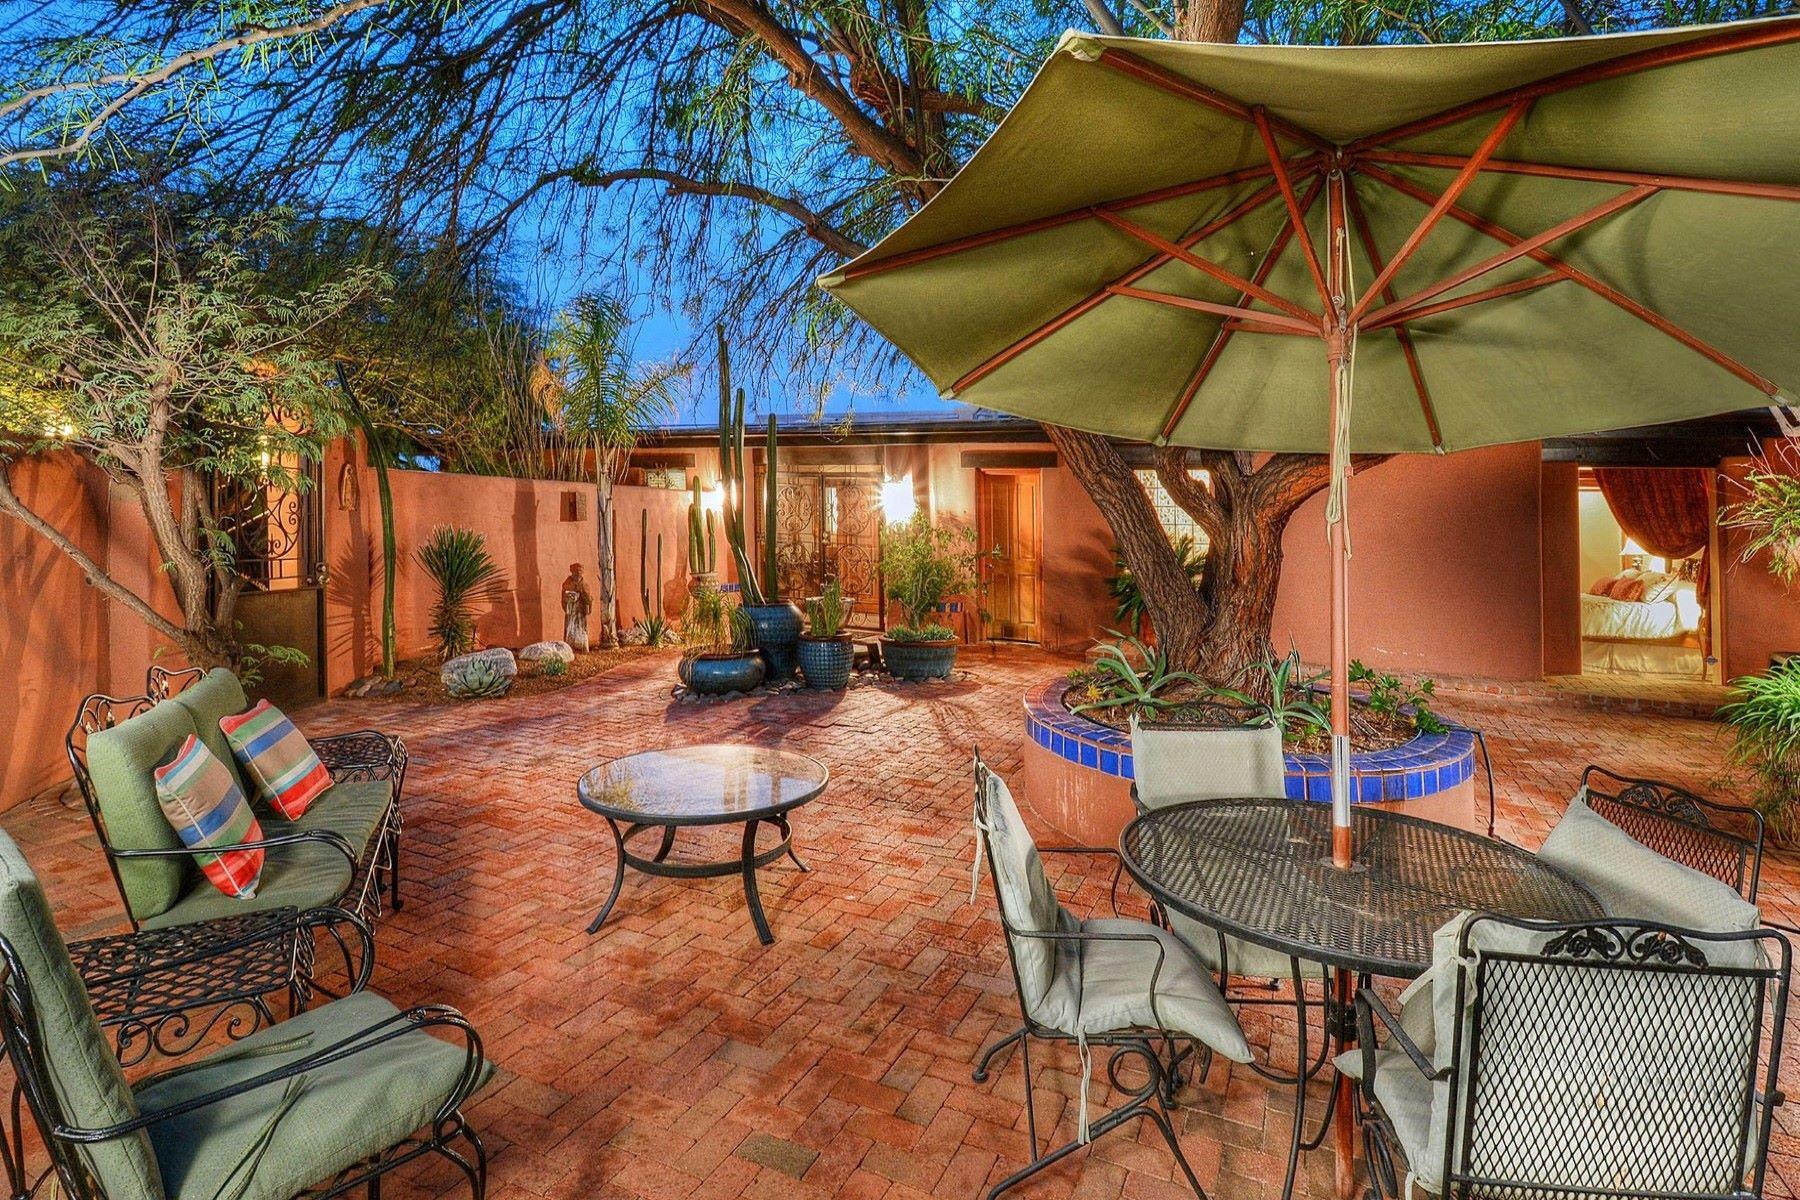 一戸建て のために 売買 アット Immaculate Hill Top Home in Flecha Caida Ranch Estates 4737 La Rueda, Tucson, アリゾナ, 85718 アメリカ合衆国